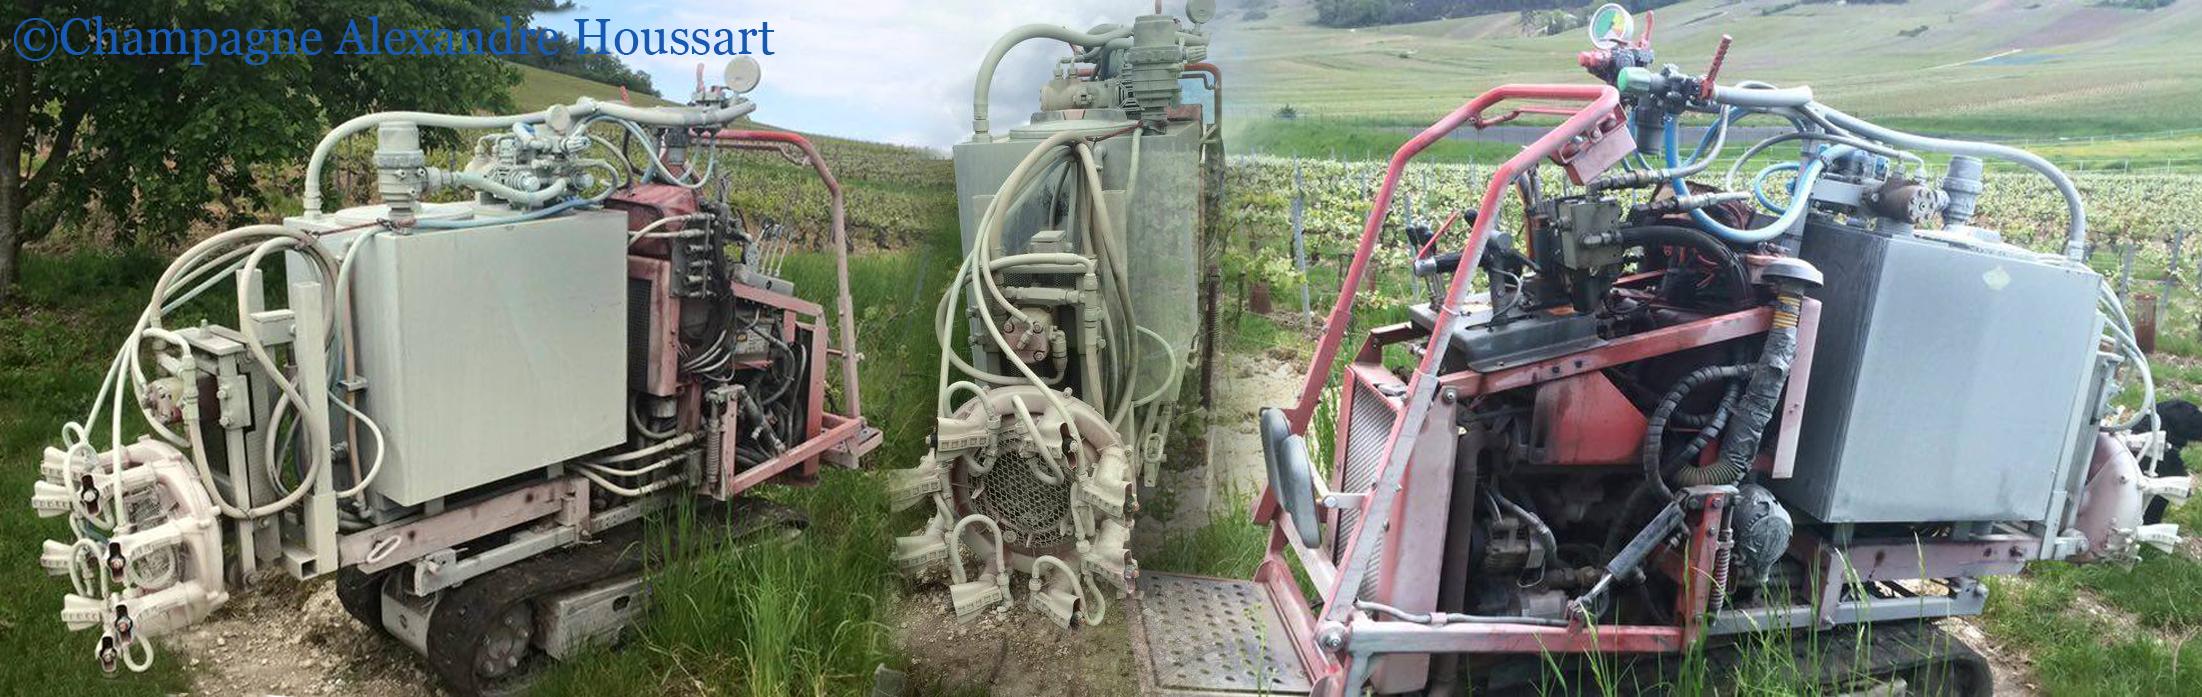 Exemple d'épandage de produit phyto dans une viticulture raisonnée: le chenillard